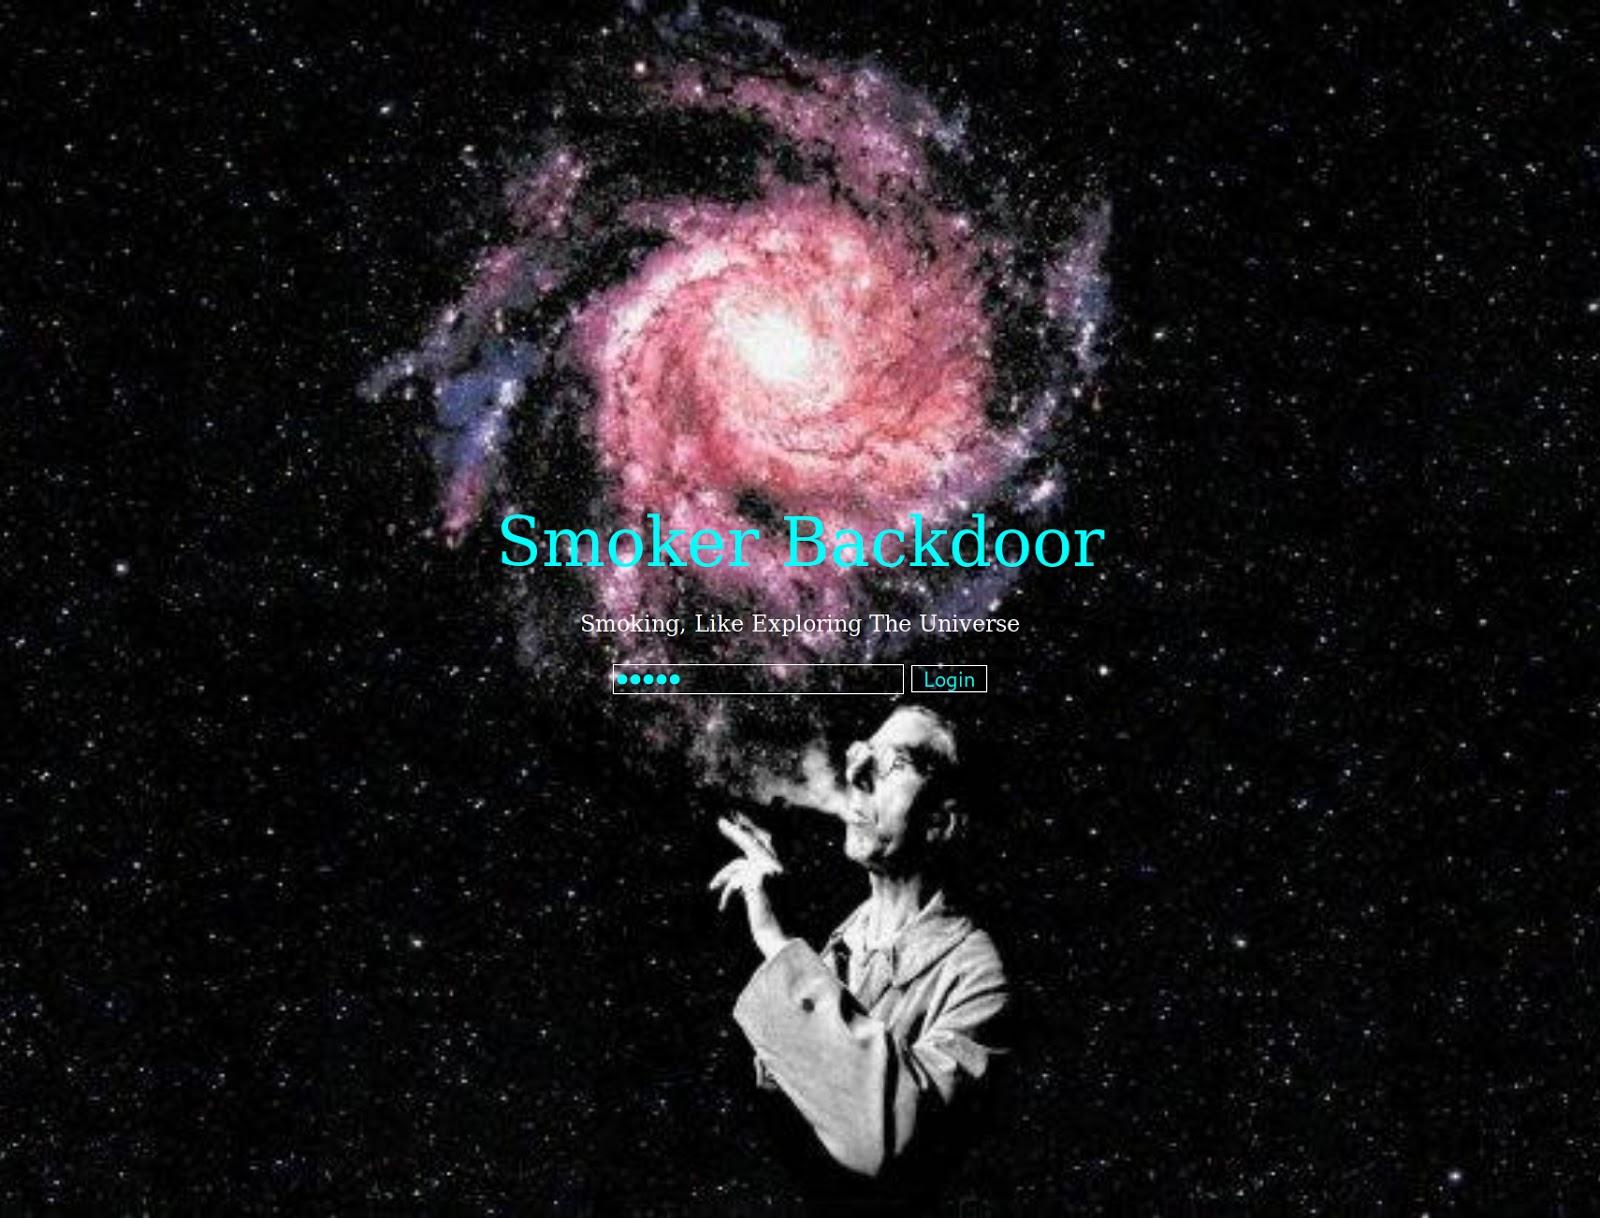 Smoker Backdoor